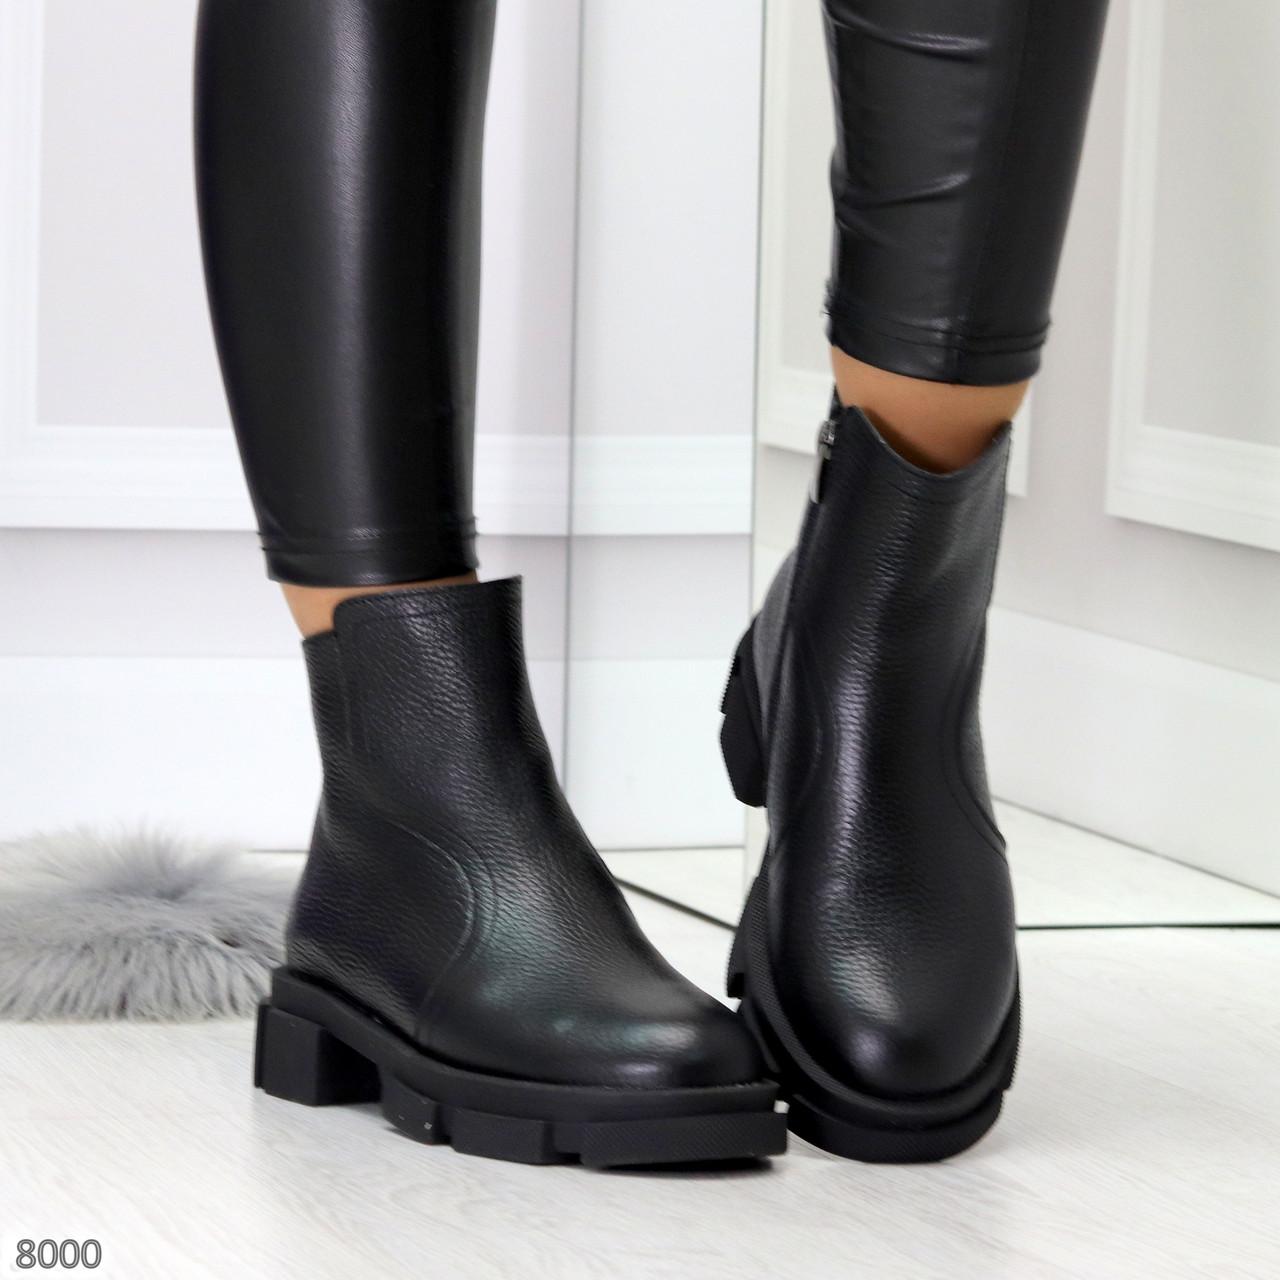 Дизайнерские черные женские зимние ботинки натуральная кожа флотар